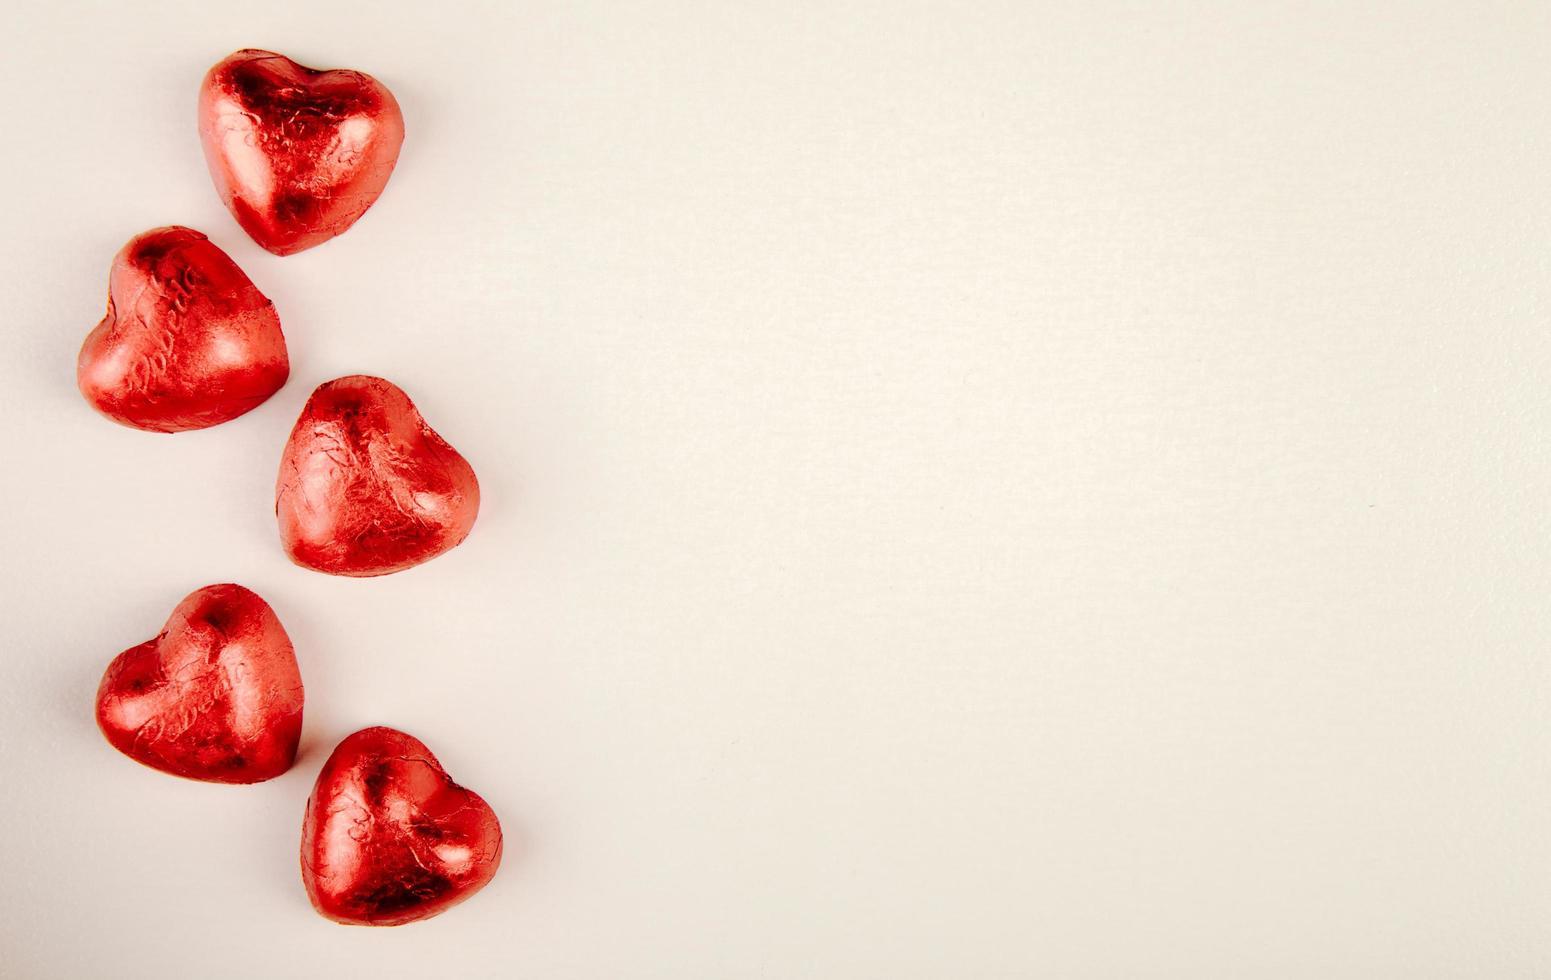 caramelle rosse a forma di cuore isolate su uno sfondo bianco con spazio di copia foto